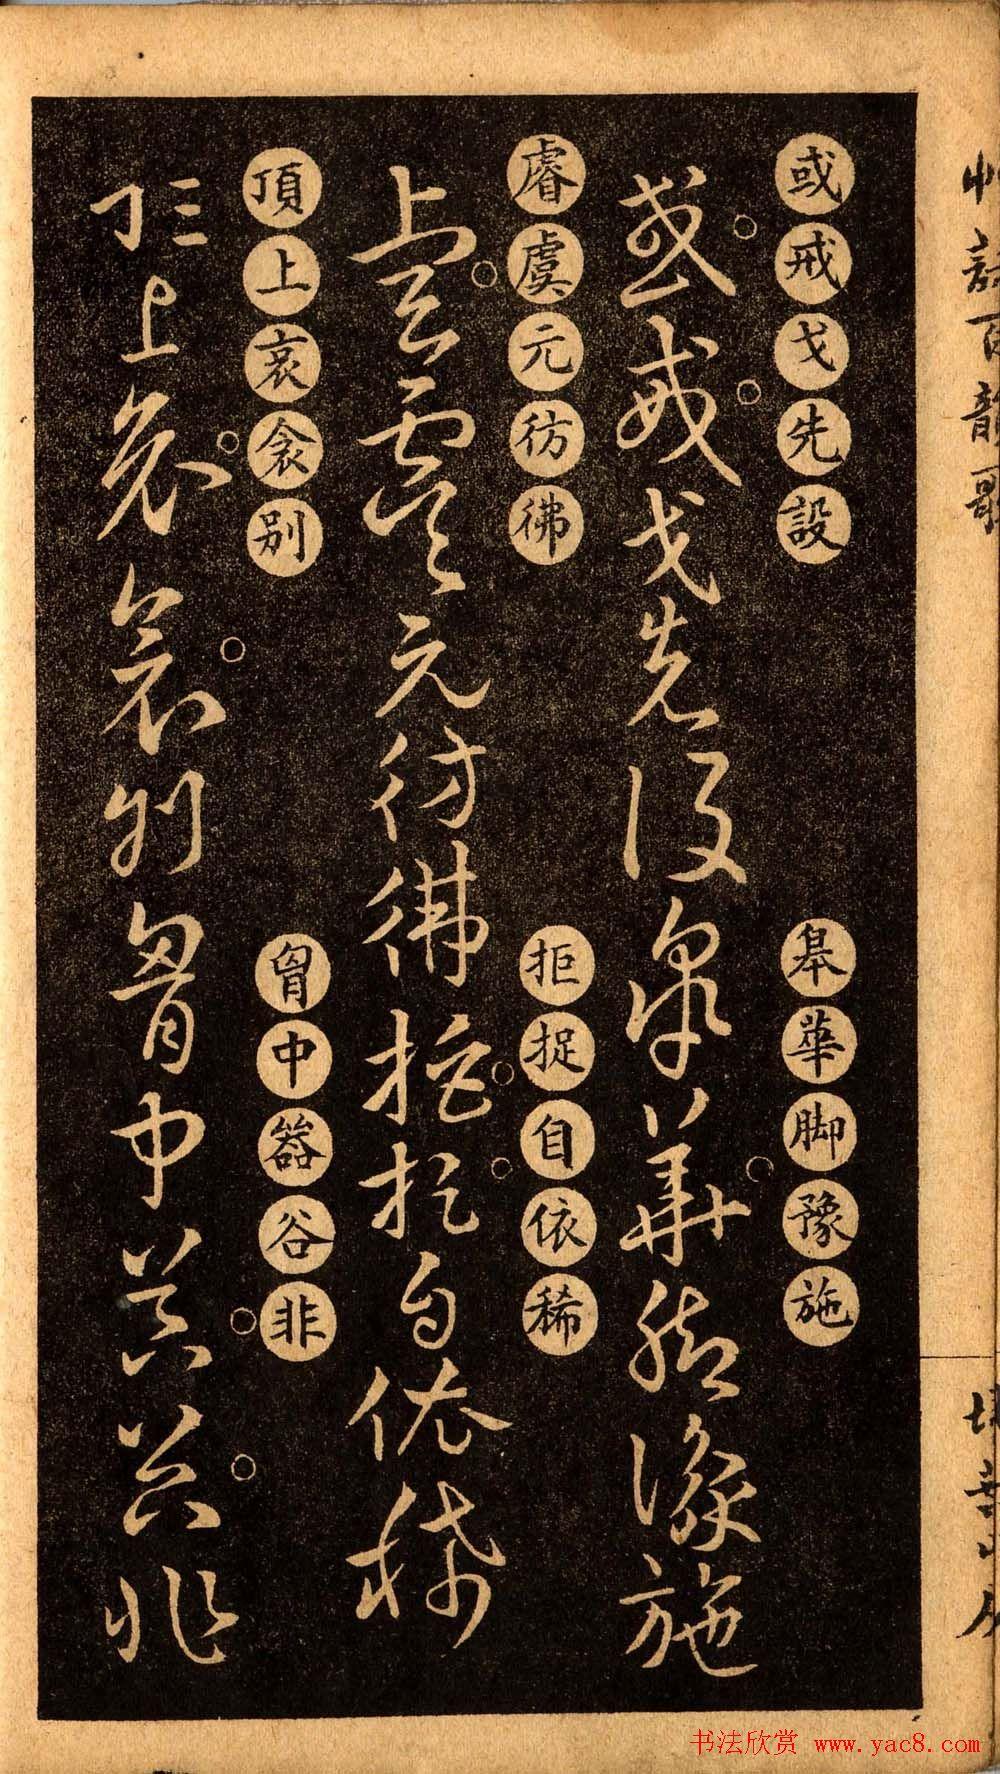 草书字帖下载《王羲之草诀百韵歌》(17)图片